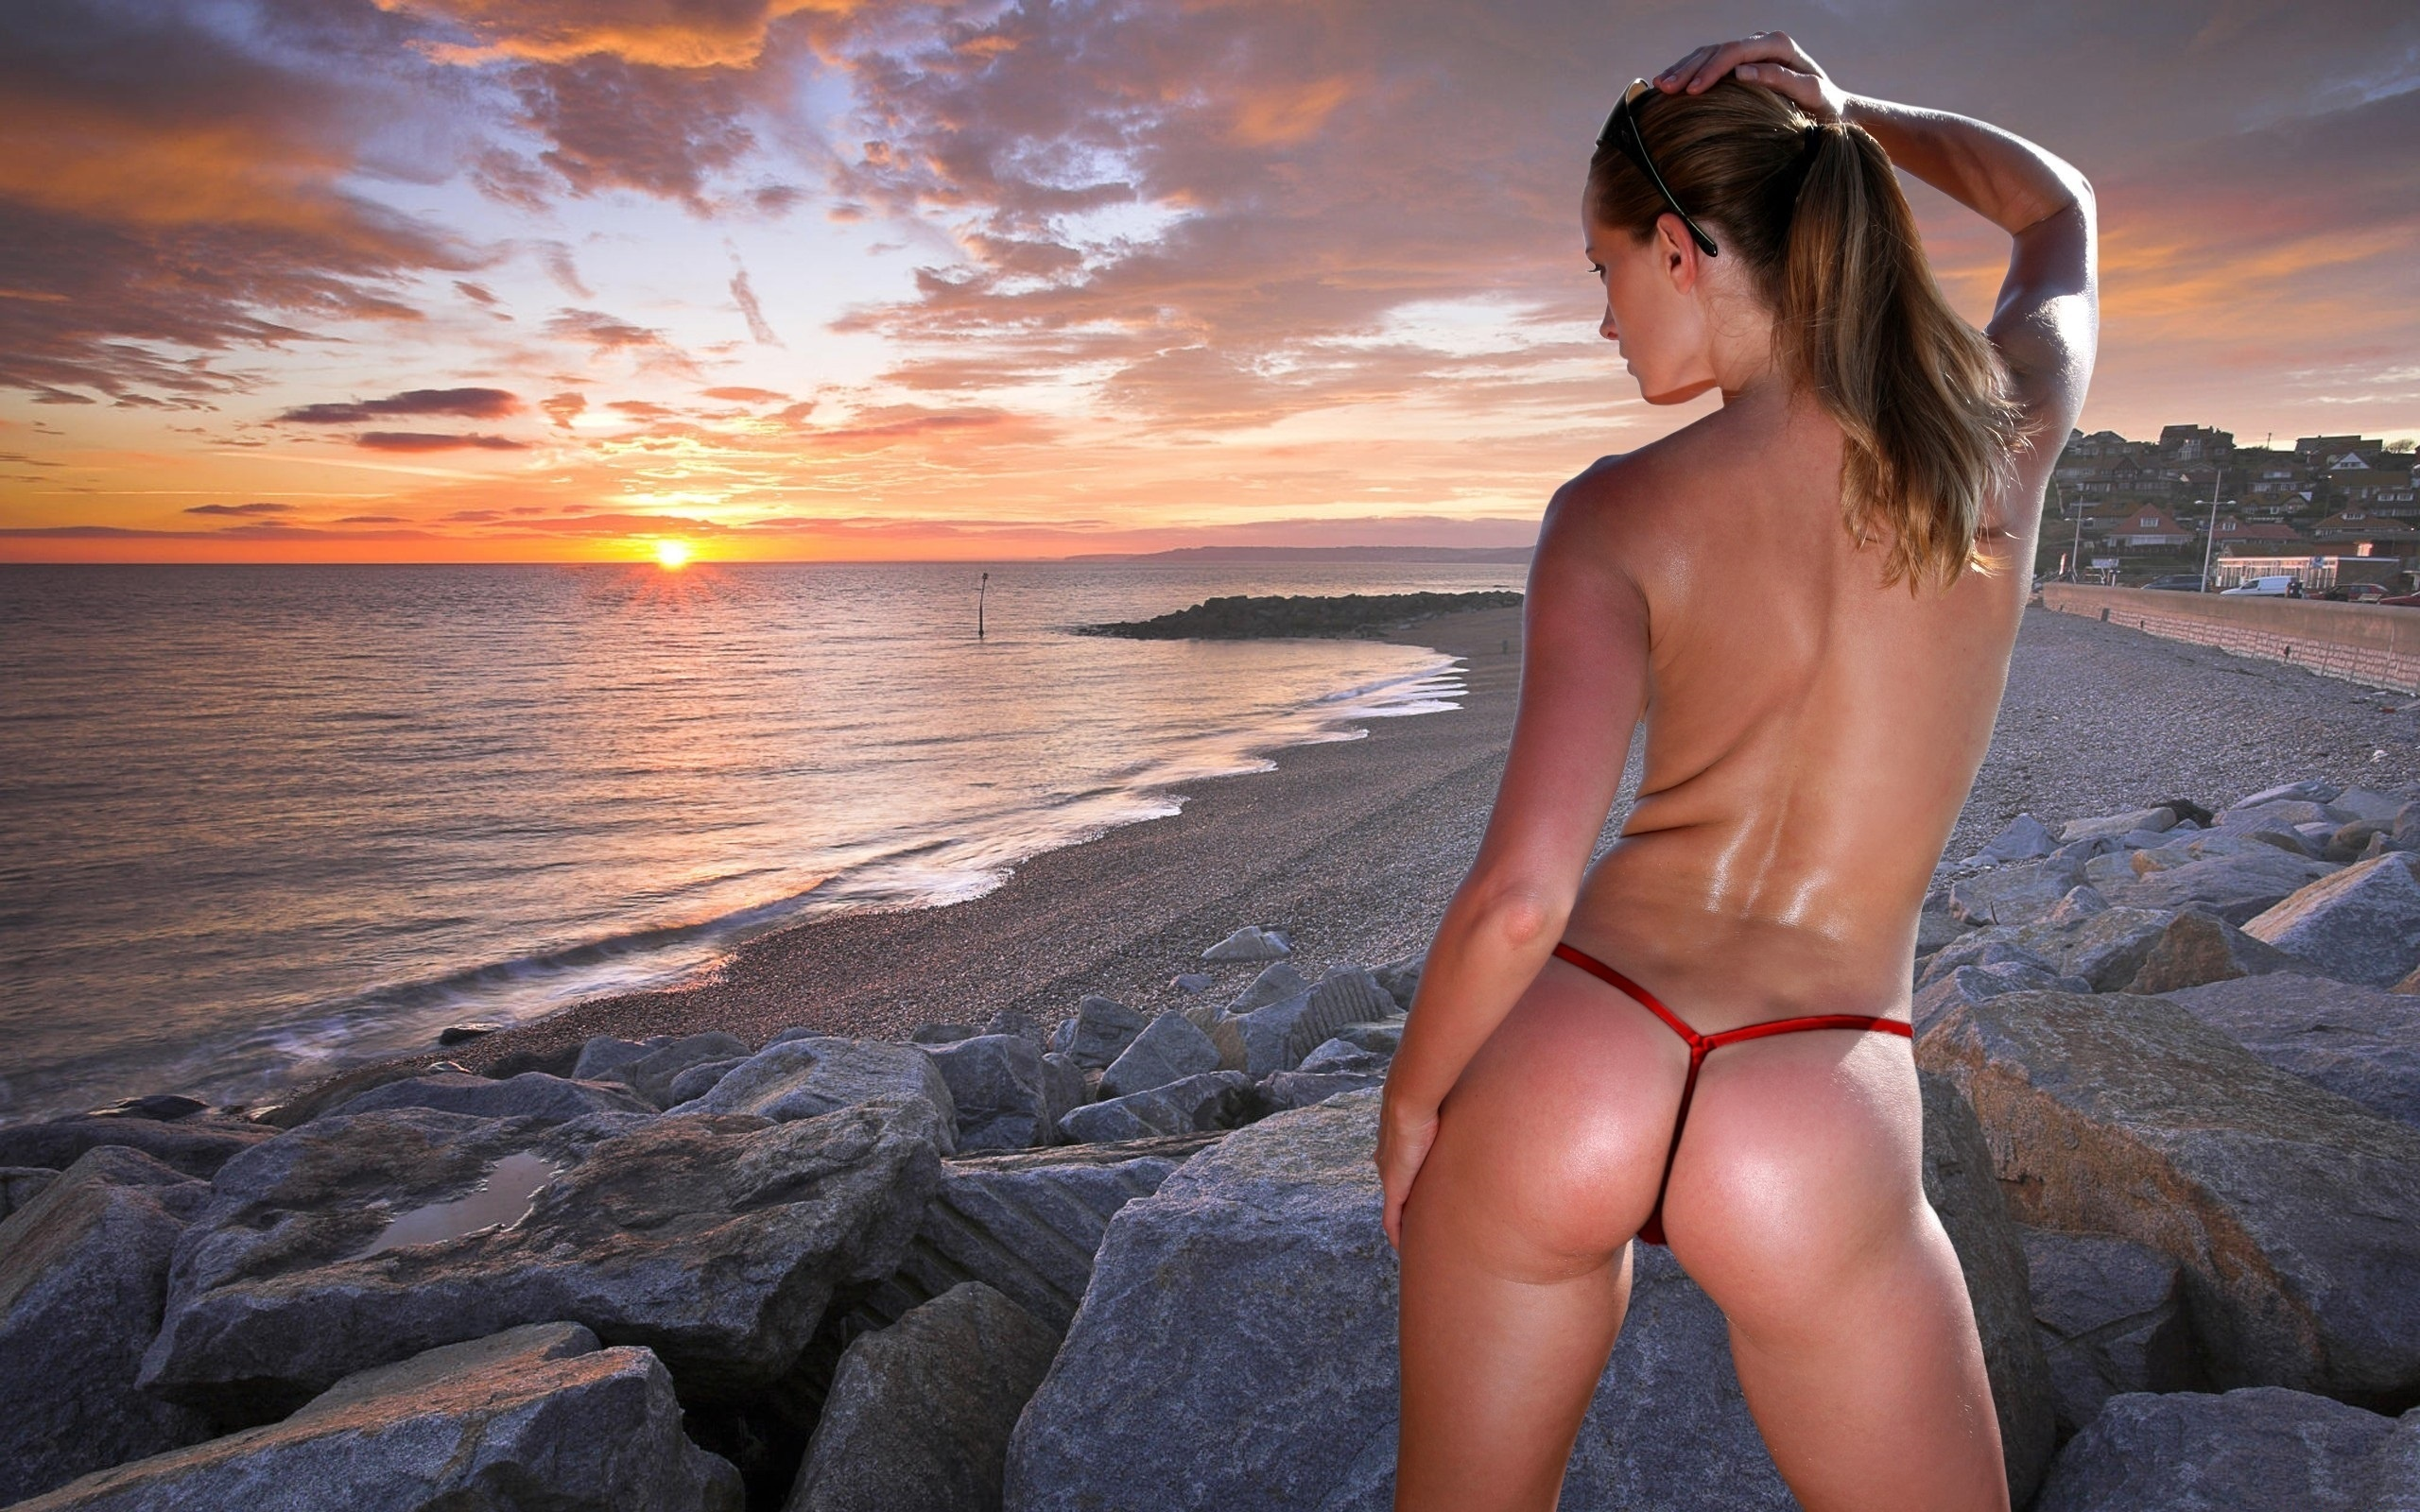 женщины в теле на пляже в стрингах фото папы уже нет